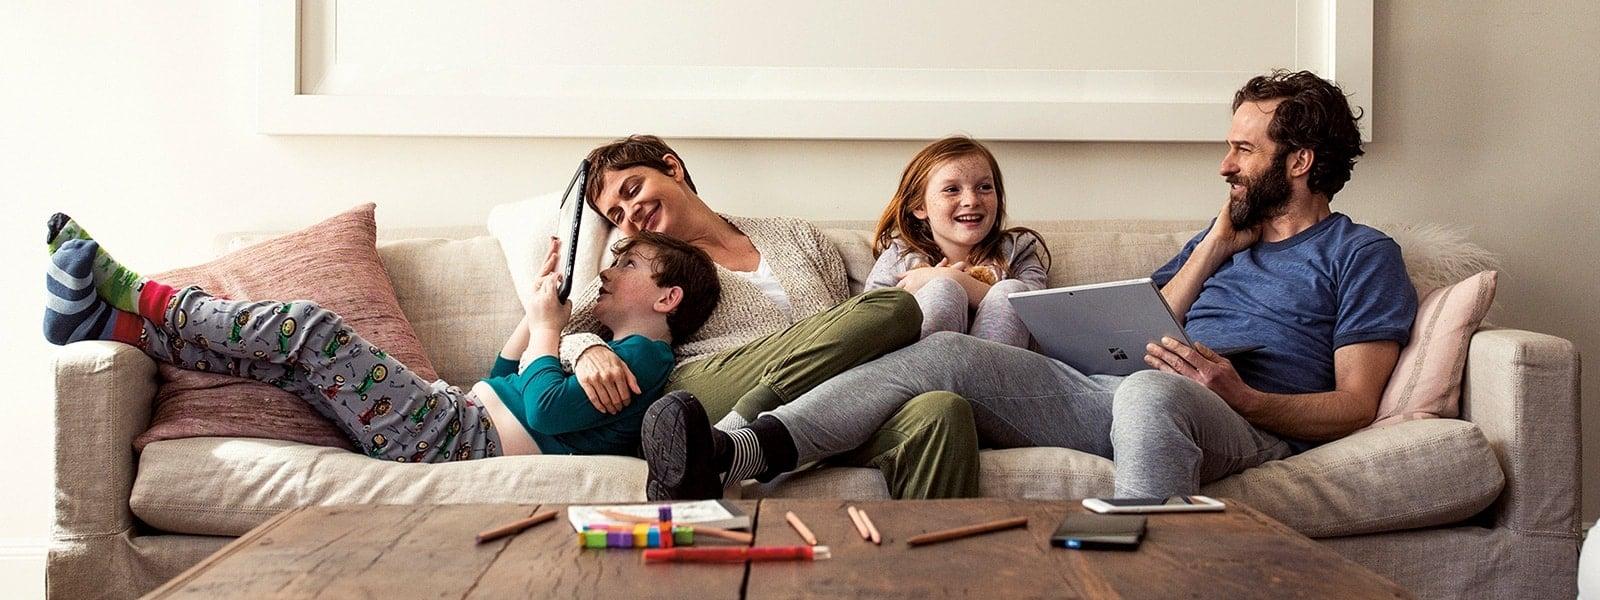 Родина відпочиває на дивані